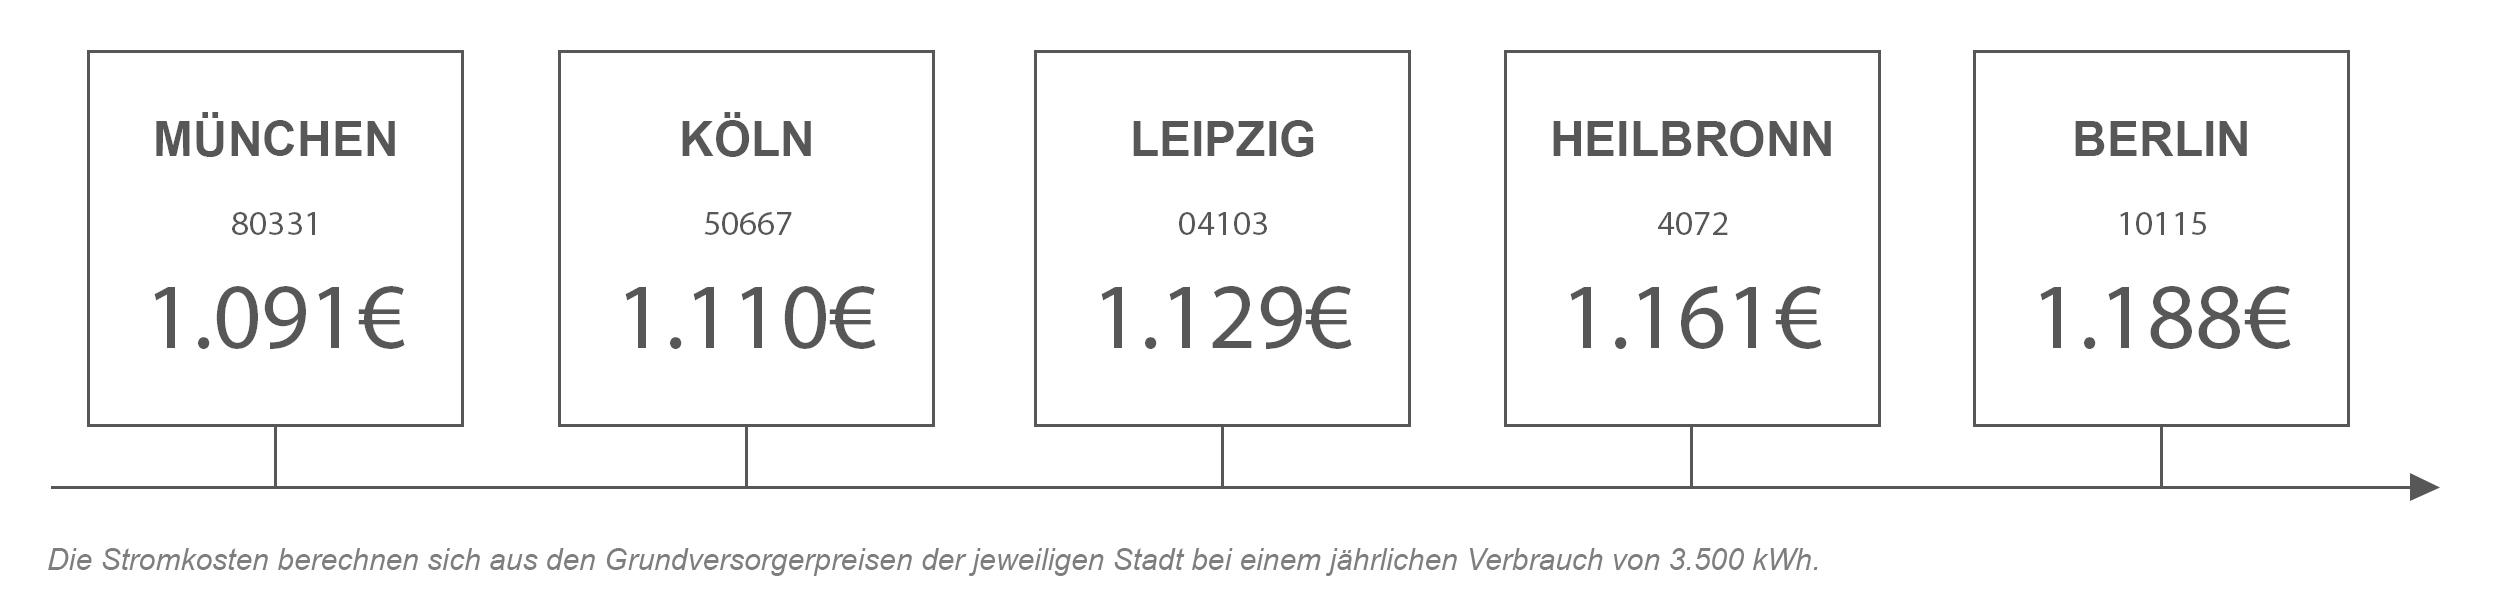 Strompreisvergleich von Heilbronn mit anderen Städten